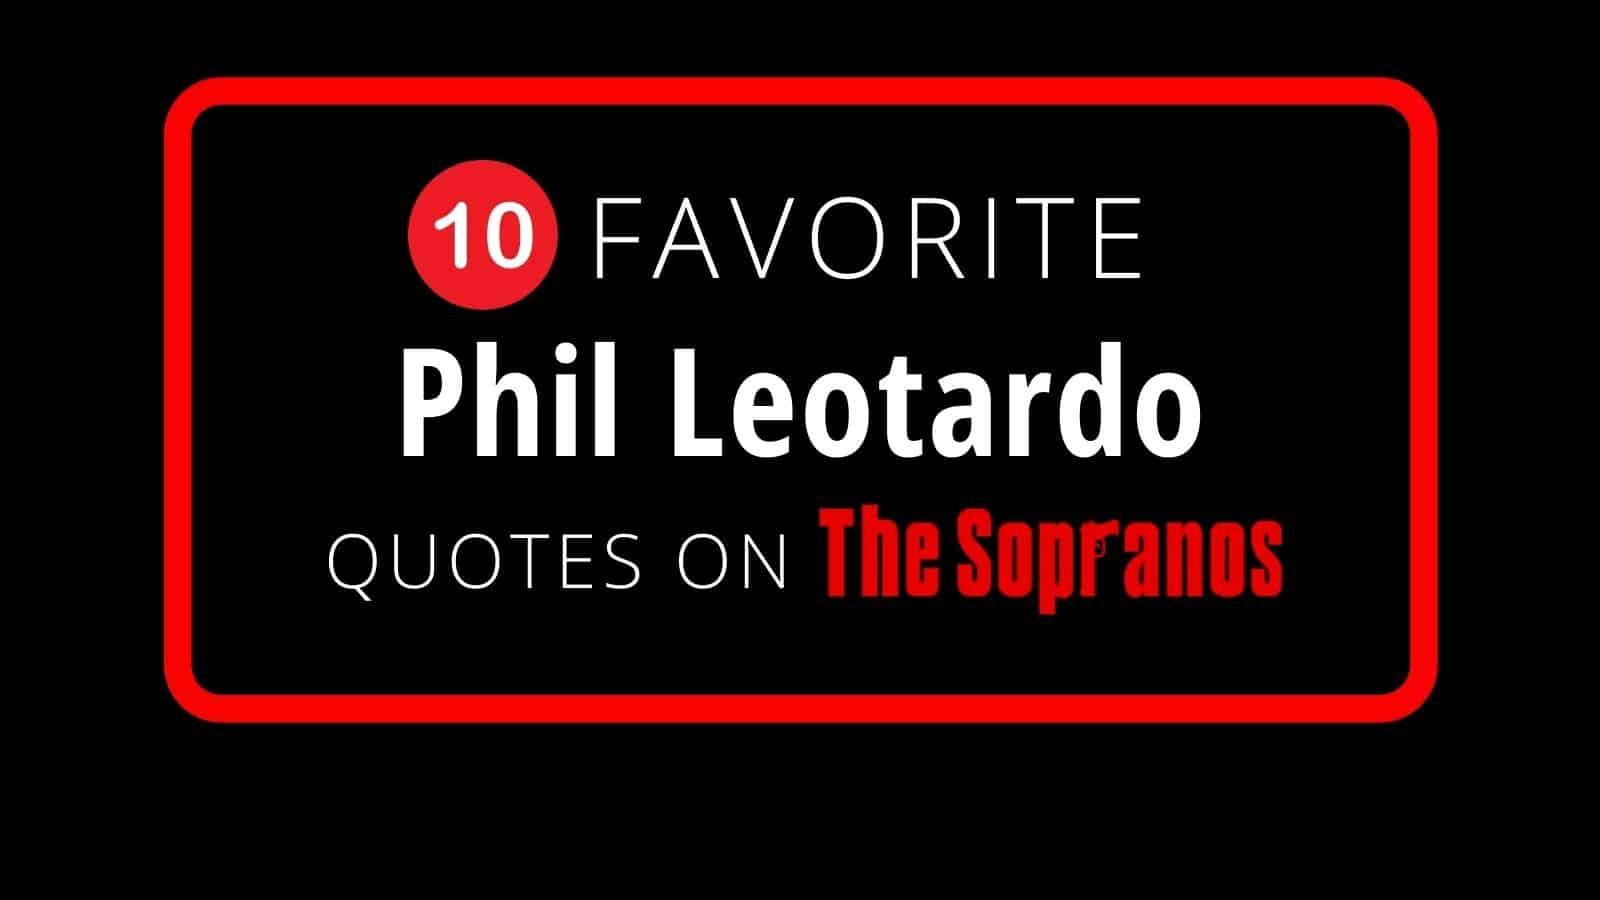 phil leotardo blog cover image